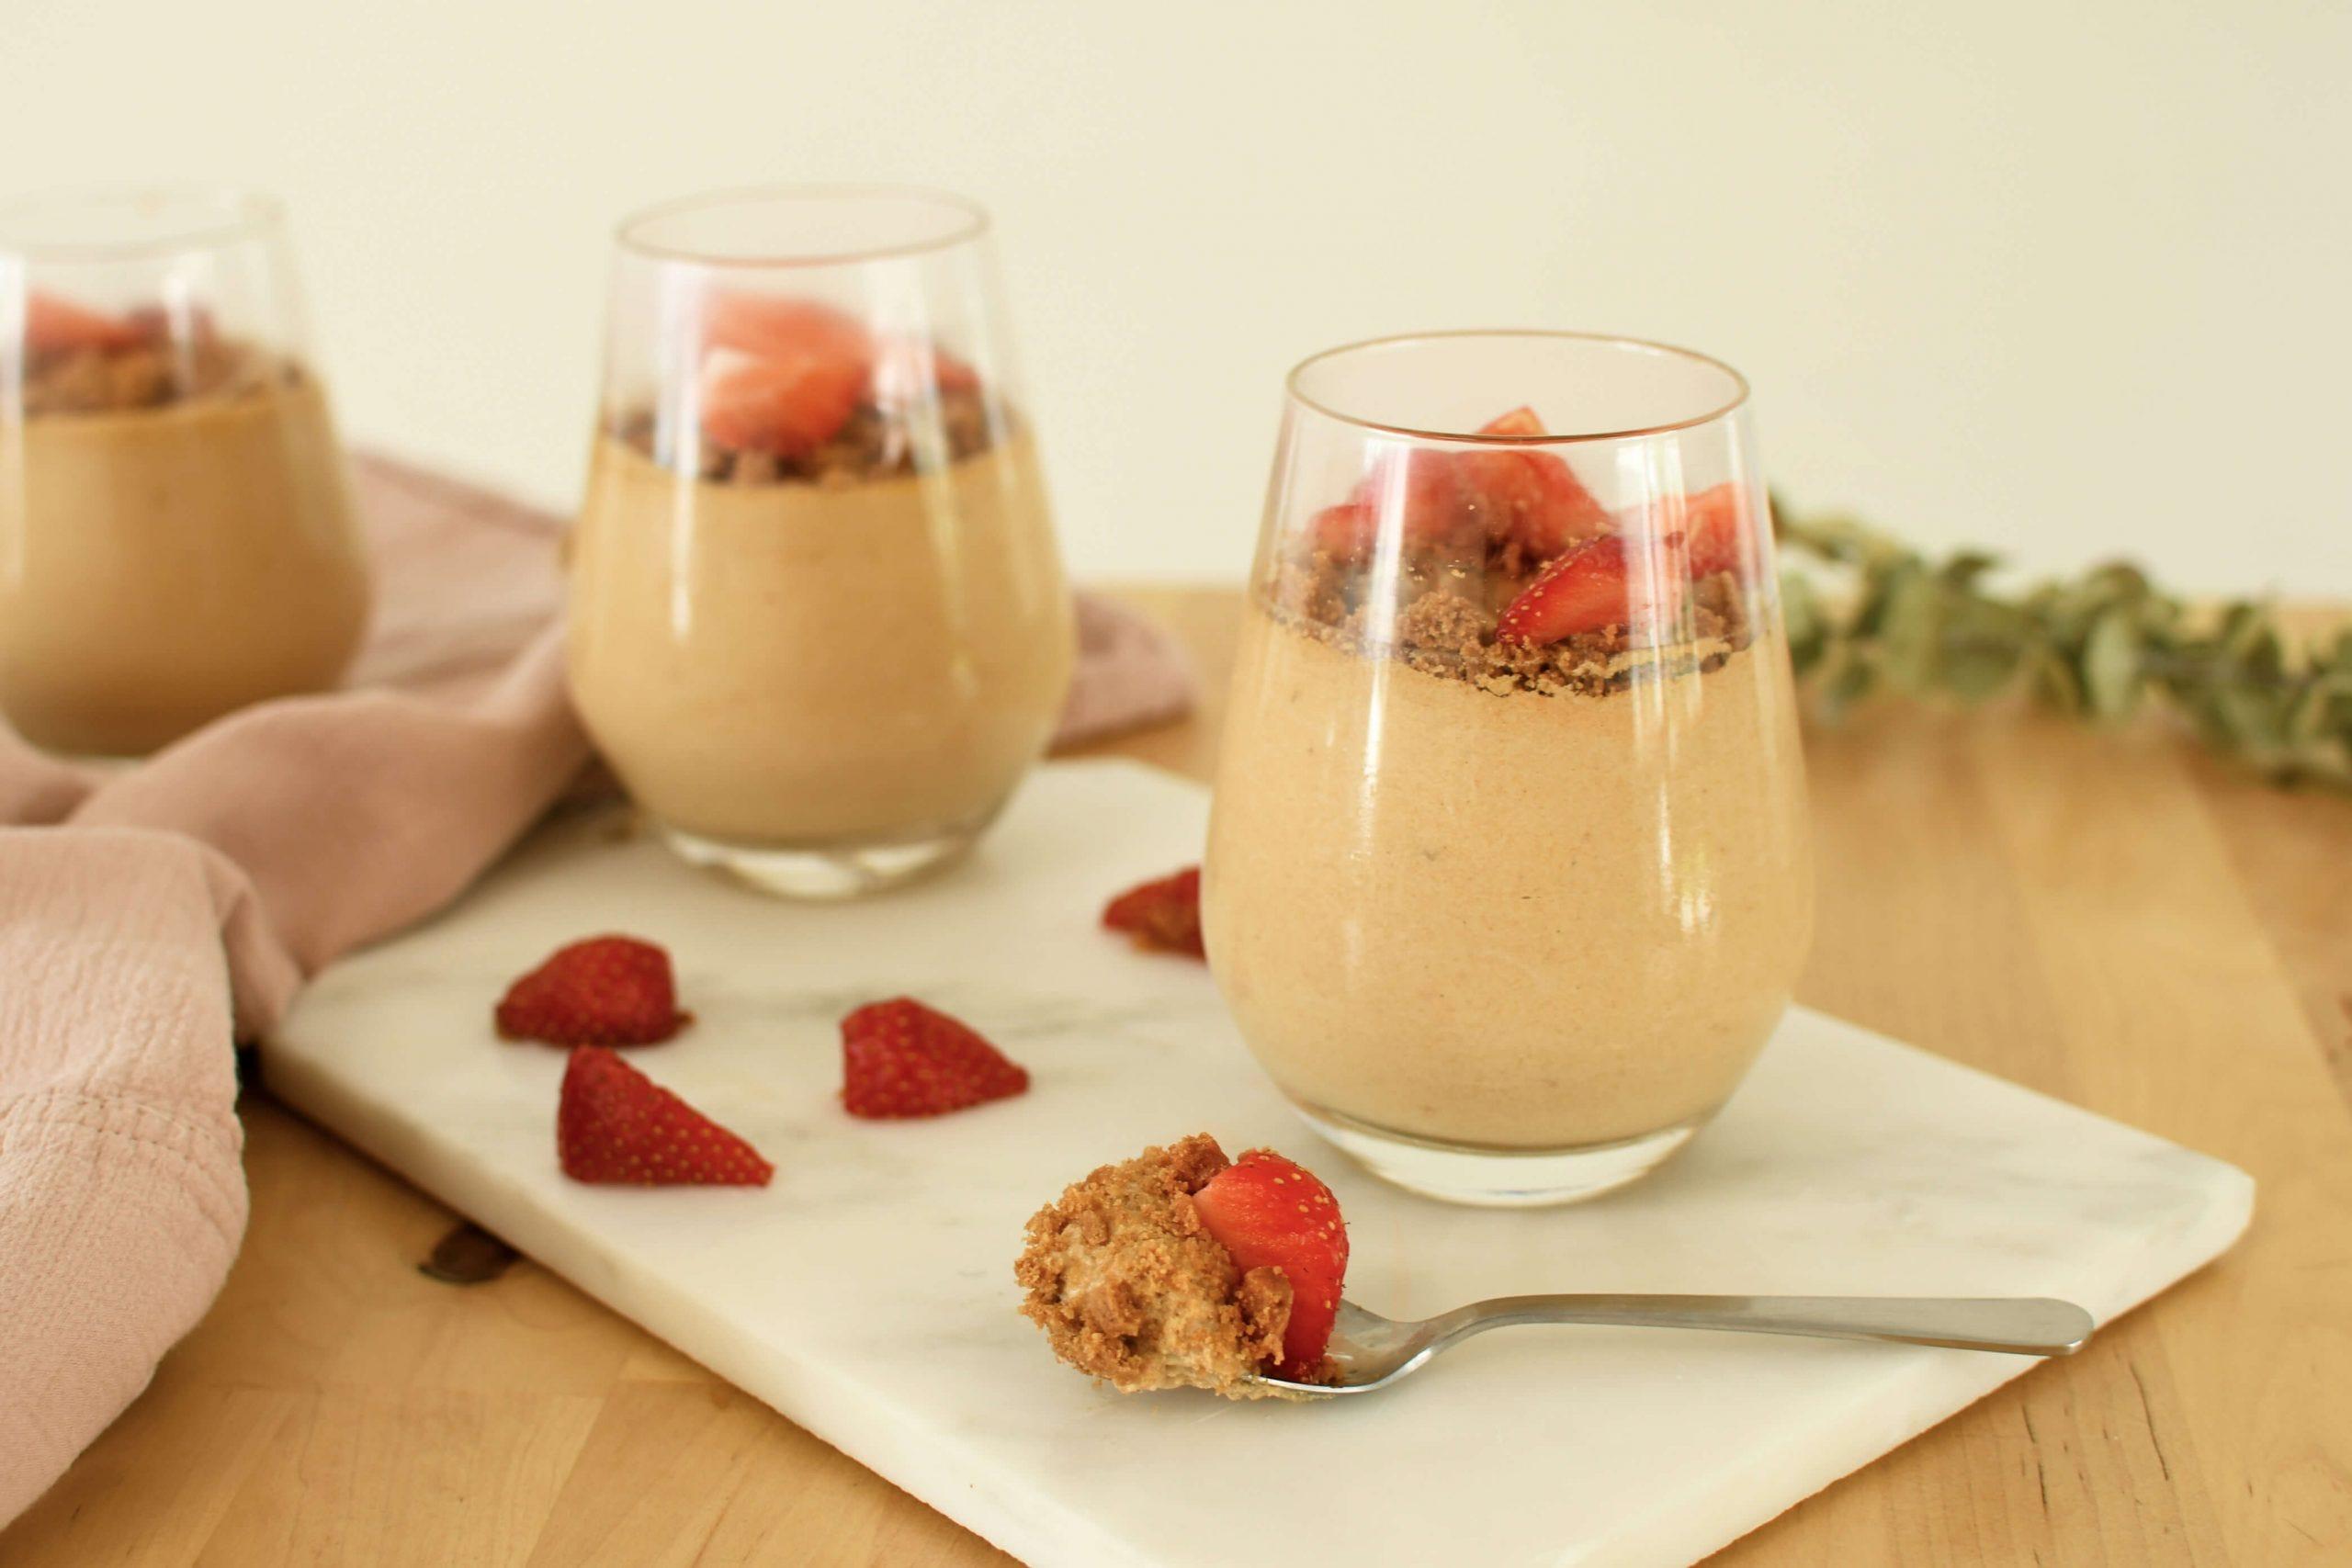 ¡Nos decantamos por nuestro cremoso mousse spéculoos y fresas!